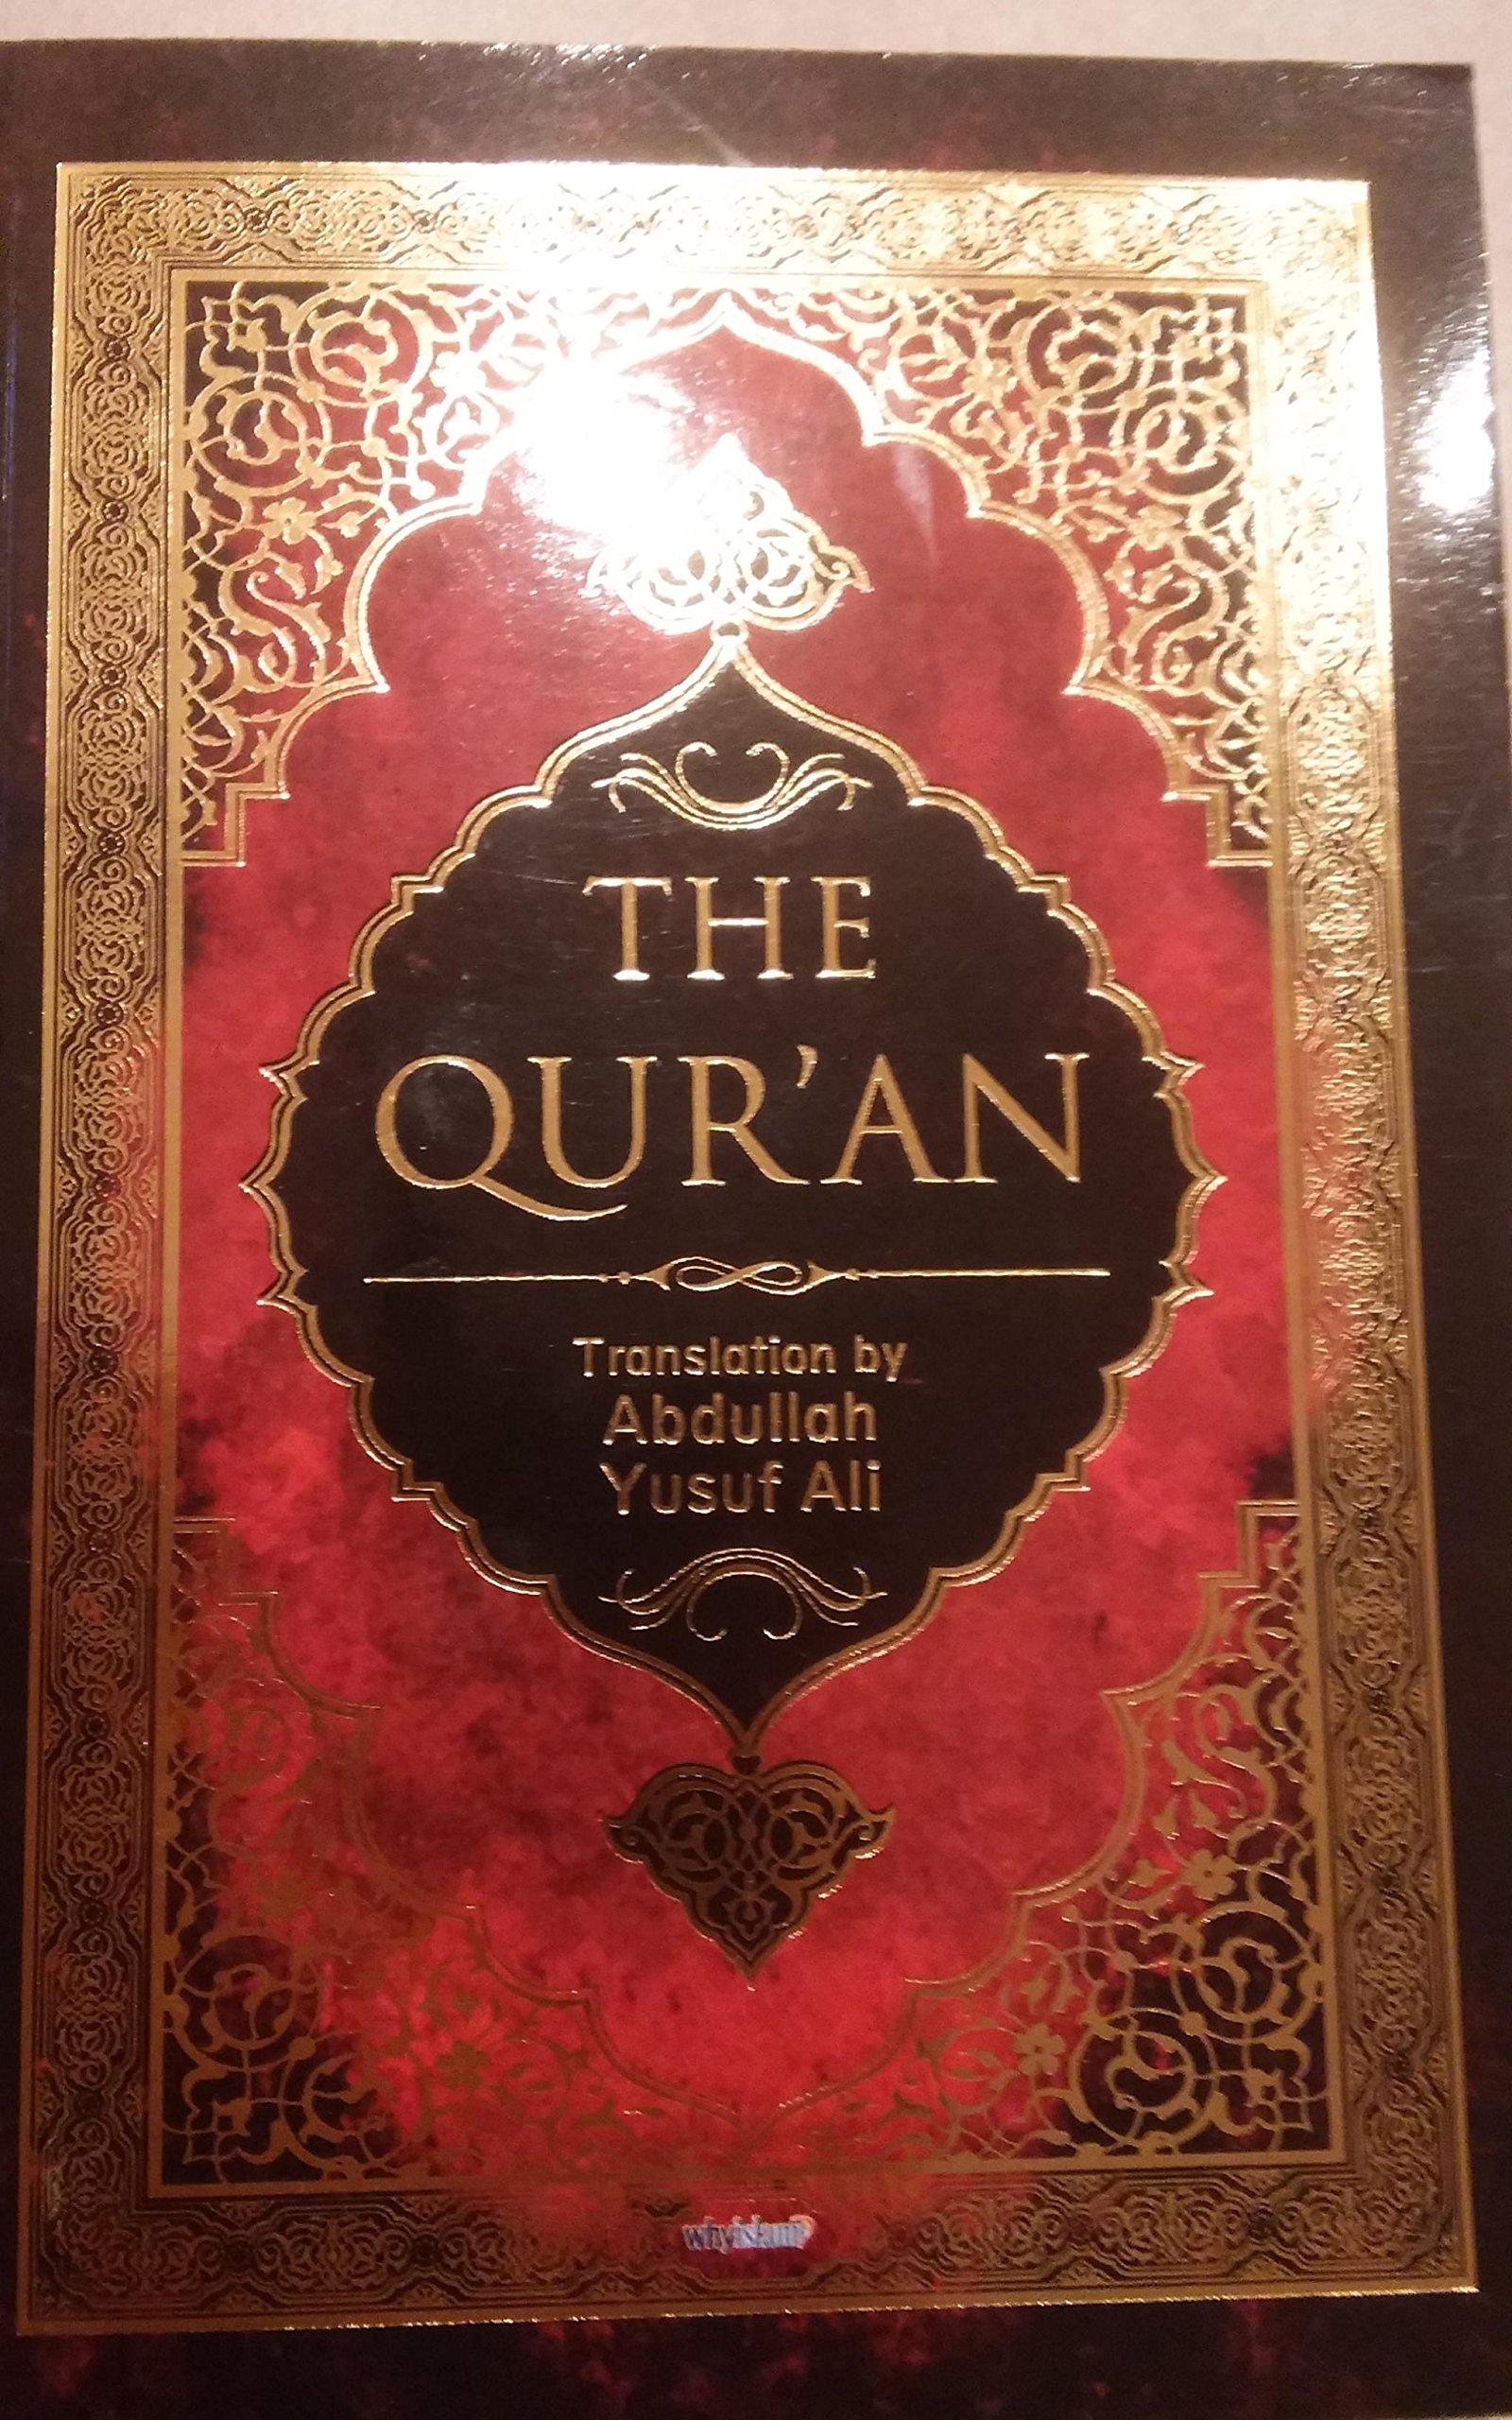 The quran translation abdullah yusuf ali 9781931445214 amazon com books